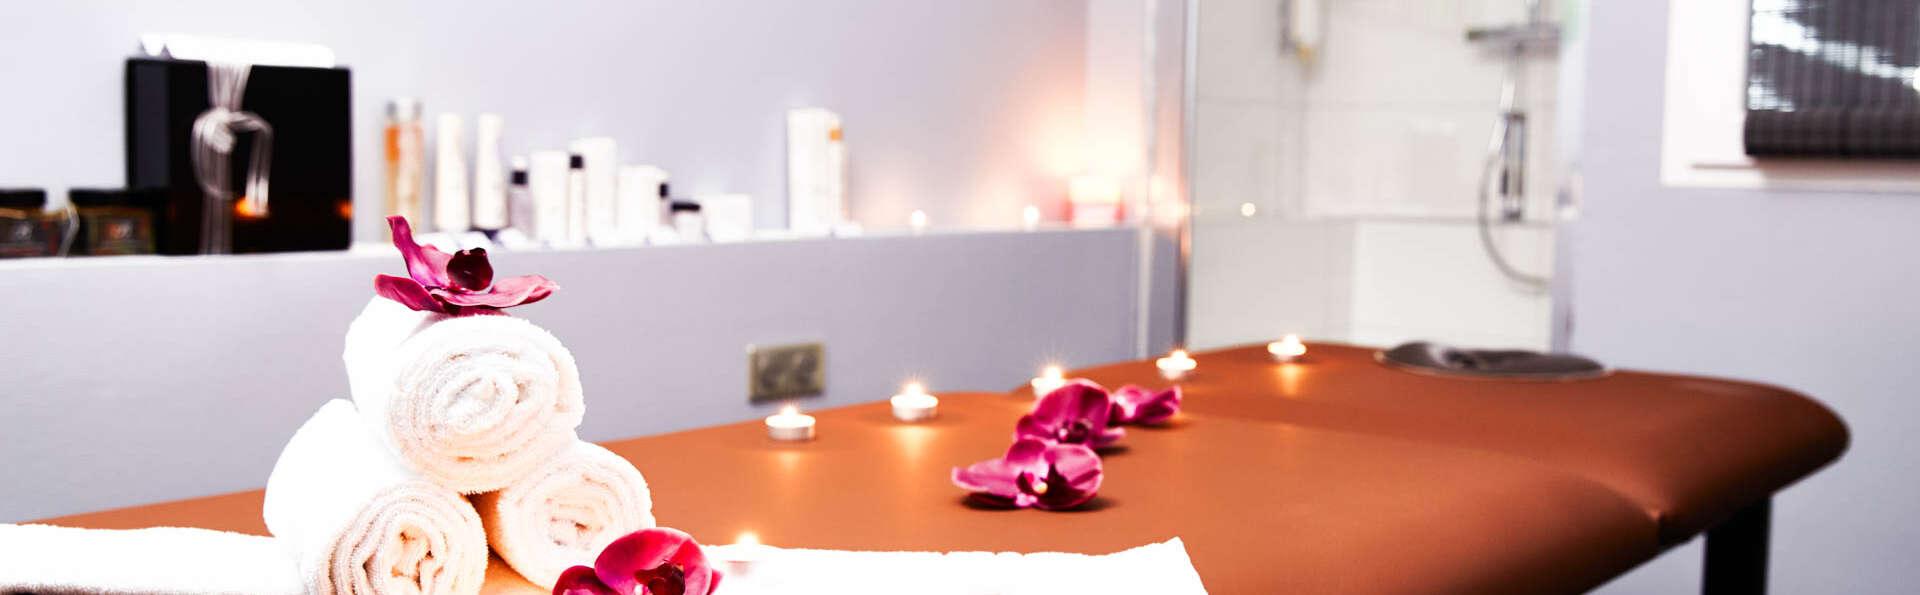 Séjour romantique avec dîner et massage dans un hôtel de charme